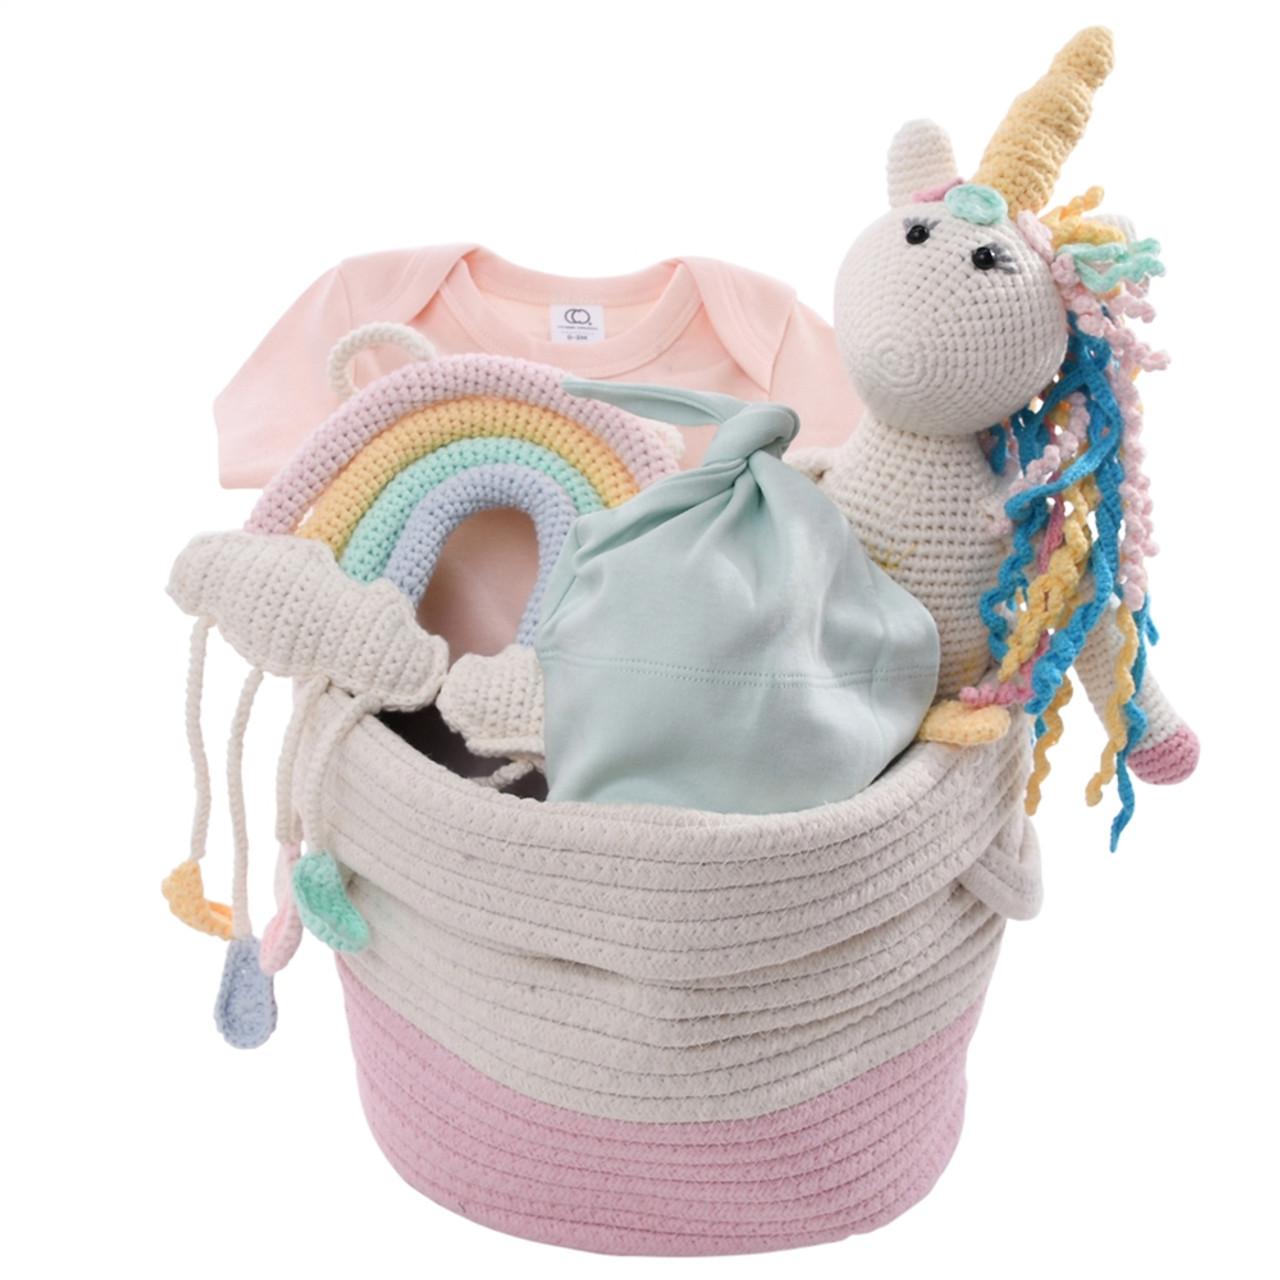 Unicorn Baby Gift Basket - Magical